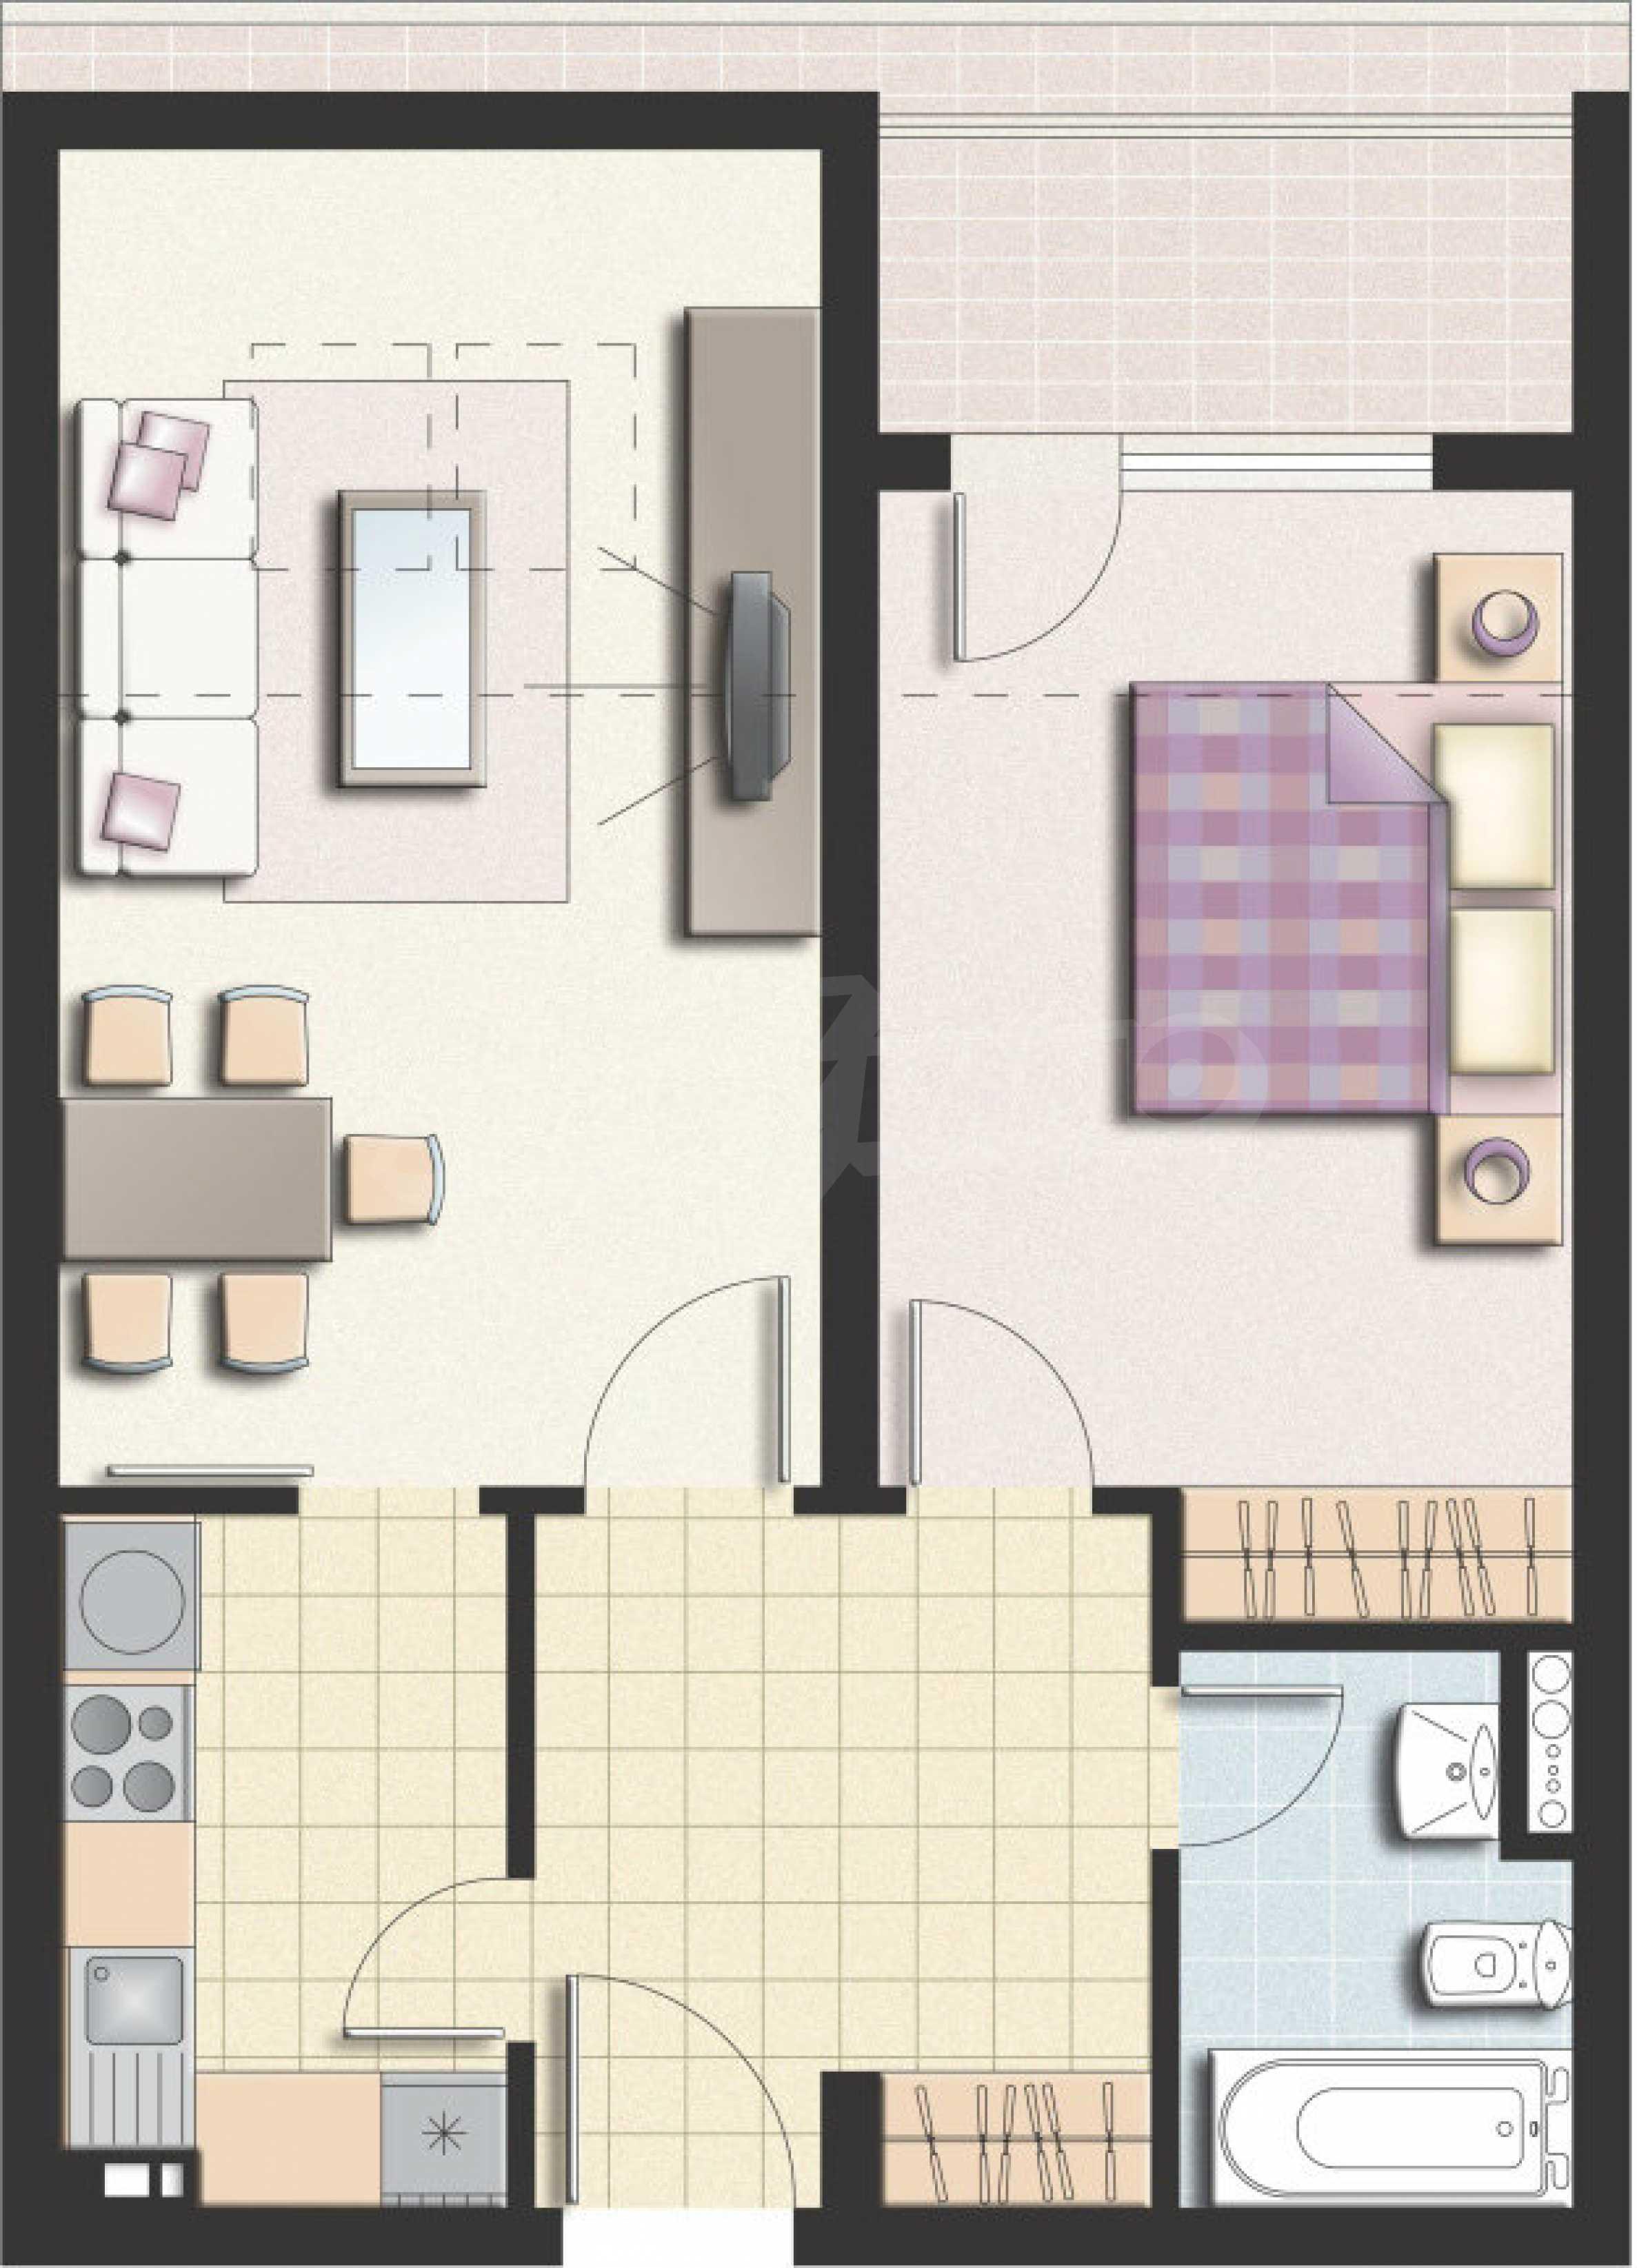 Wohnung zu vermieten in Lyulin-3 Bezirk neben der U-Bahn 9